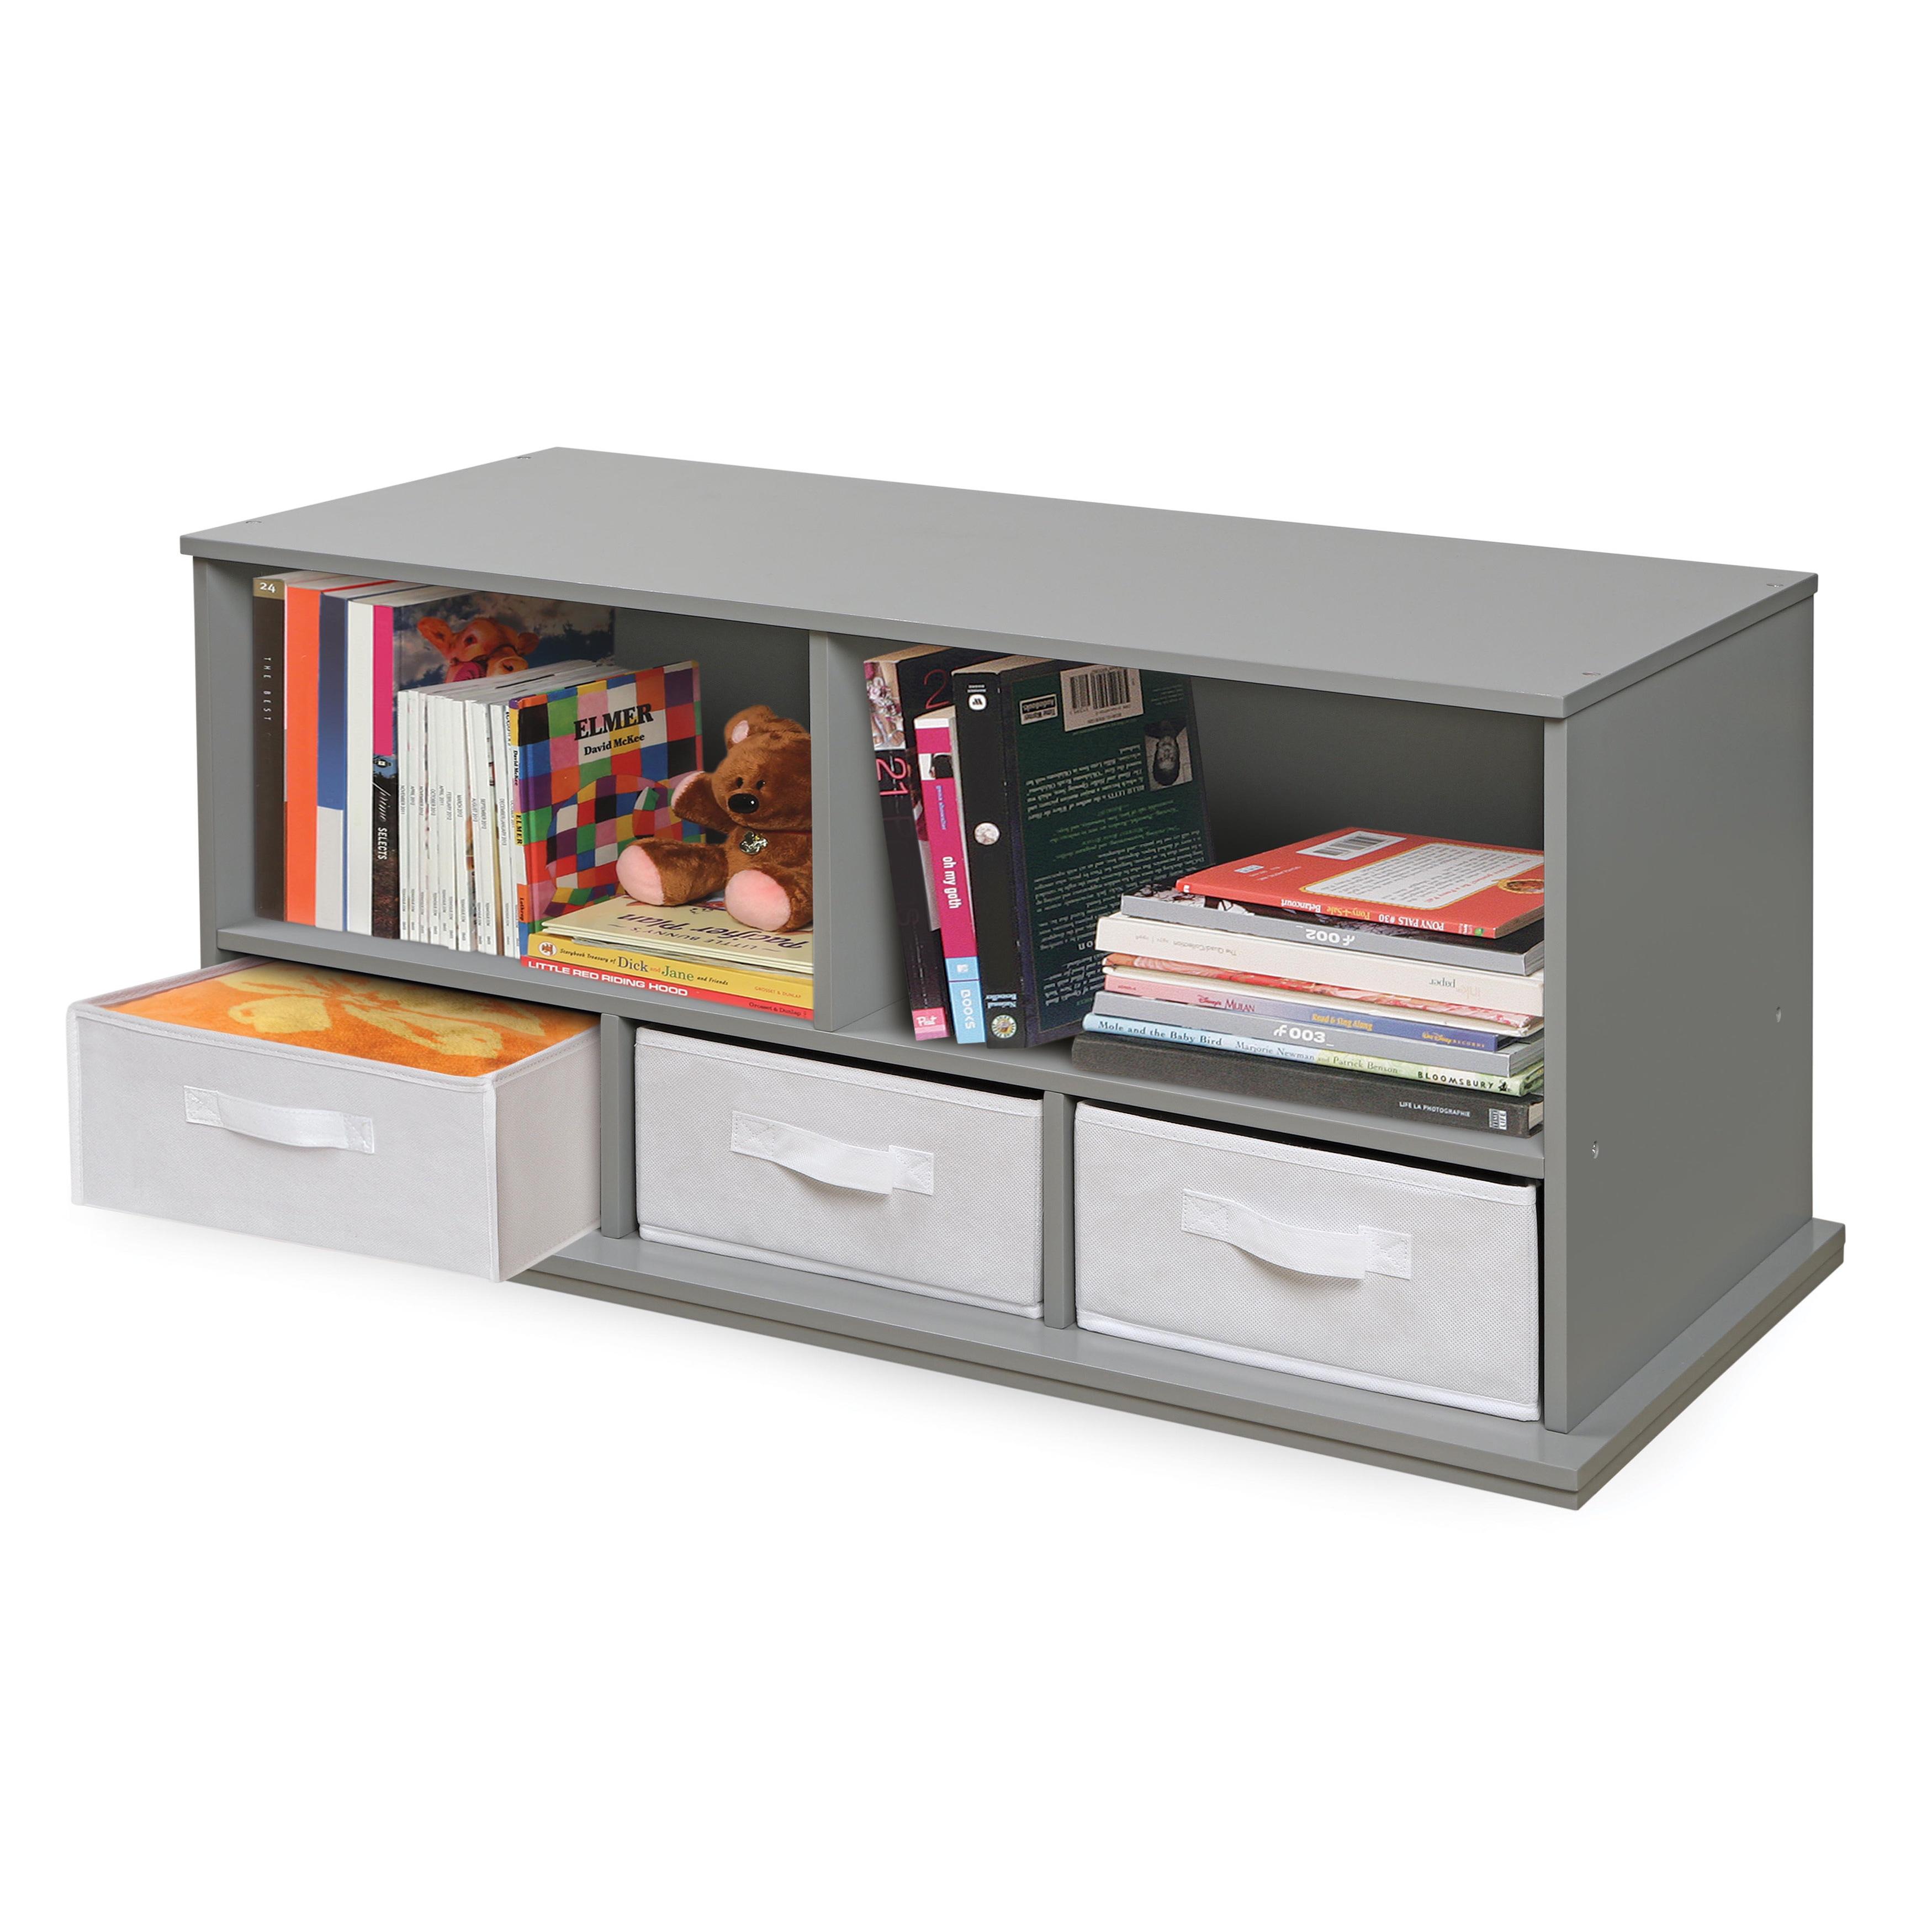 Storage Ideas, Amusing White Cubby Storage Decorative Storage Bins Badger  Basket Three Bin Storage Cubby ...